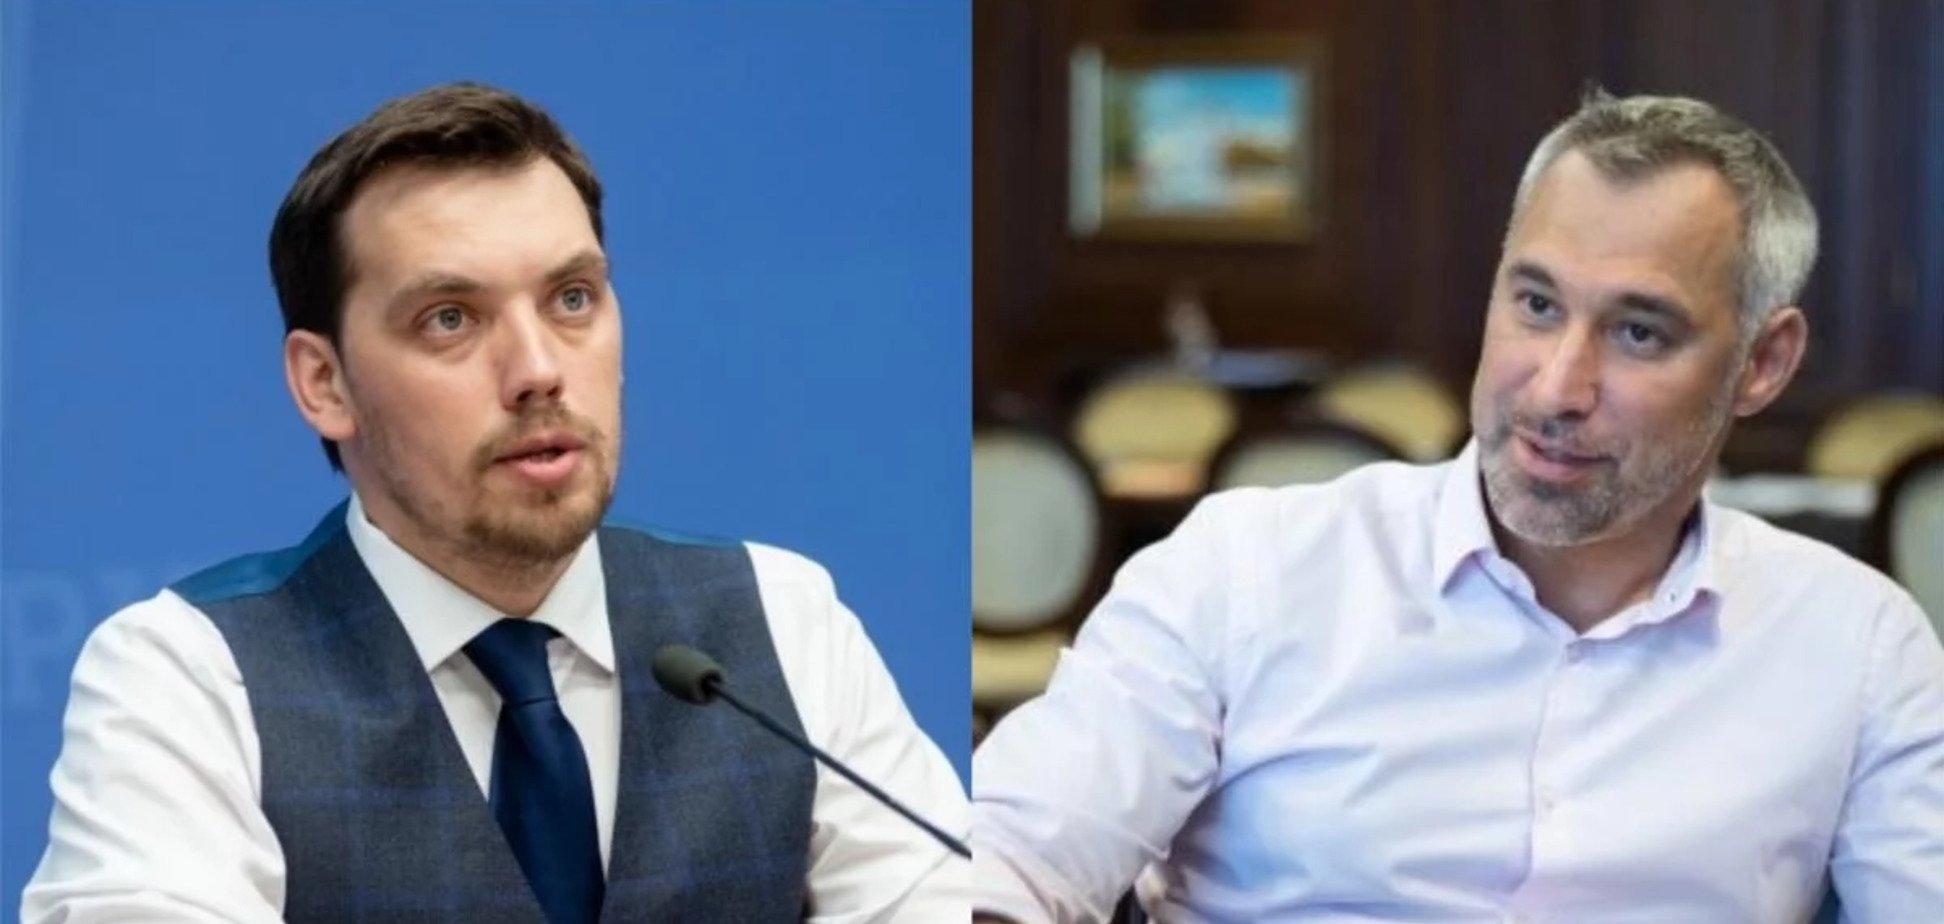 'Реформи в Україні під загрозою': західні ЗМІ оцінили відставку Гончарука і Рябошапки